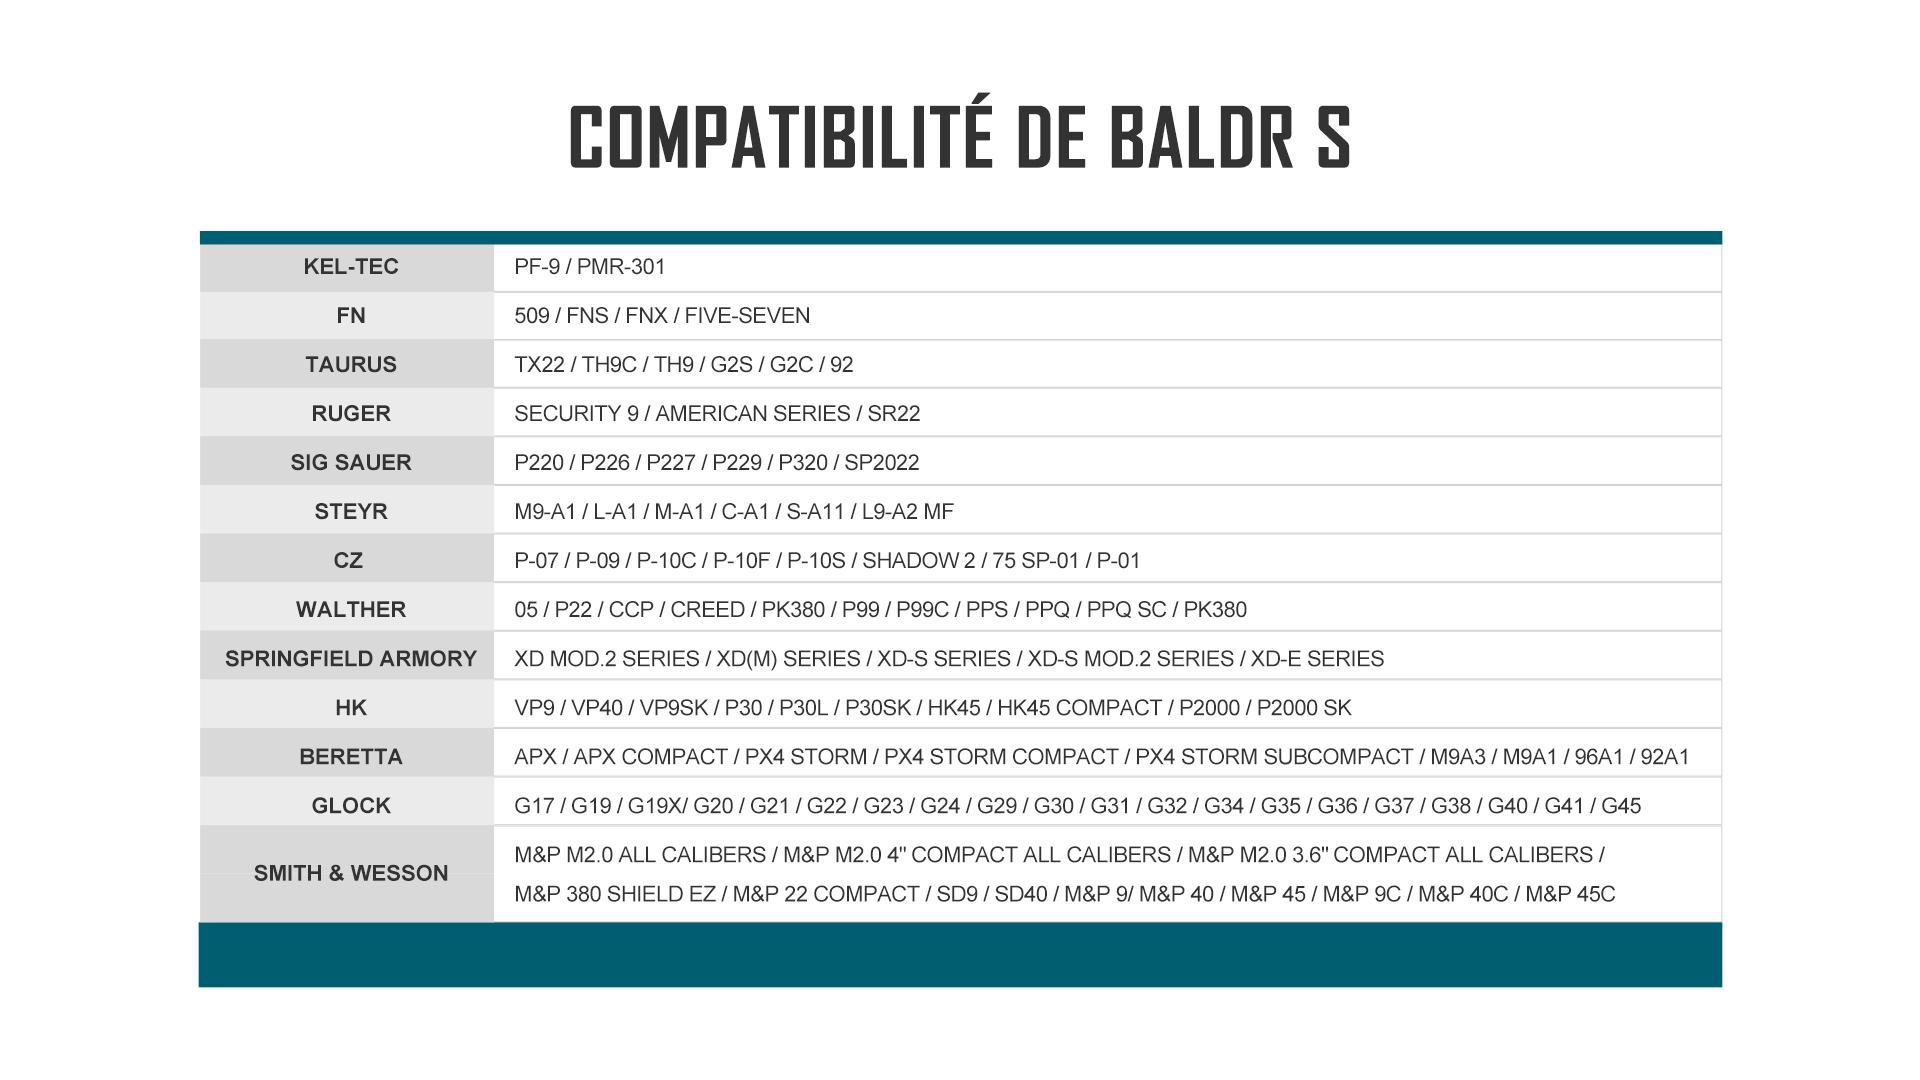 Liste de compatibilité Baldr S